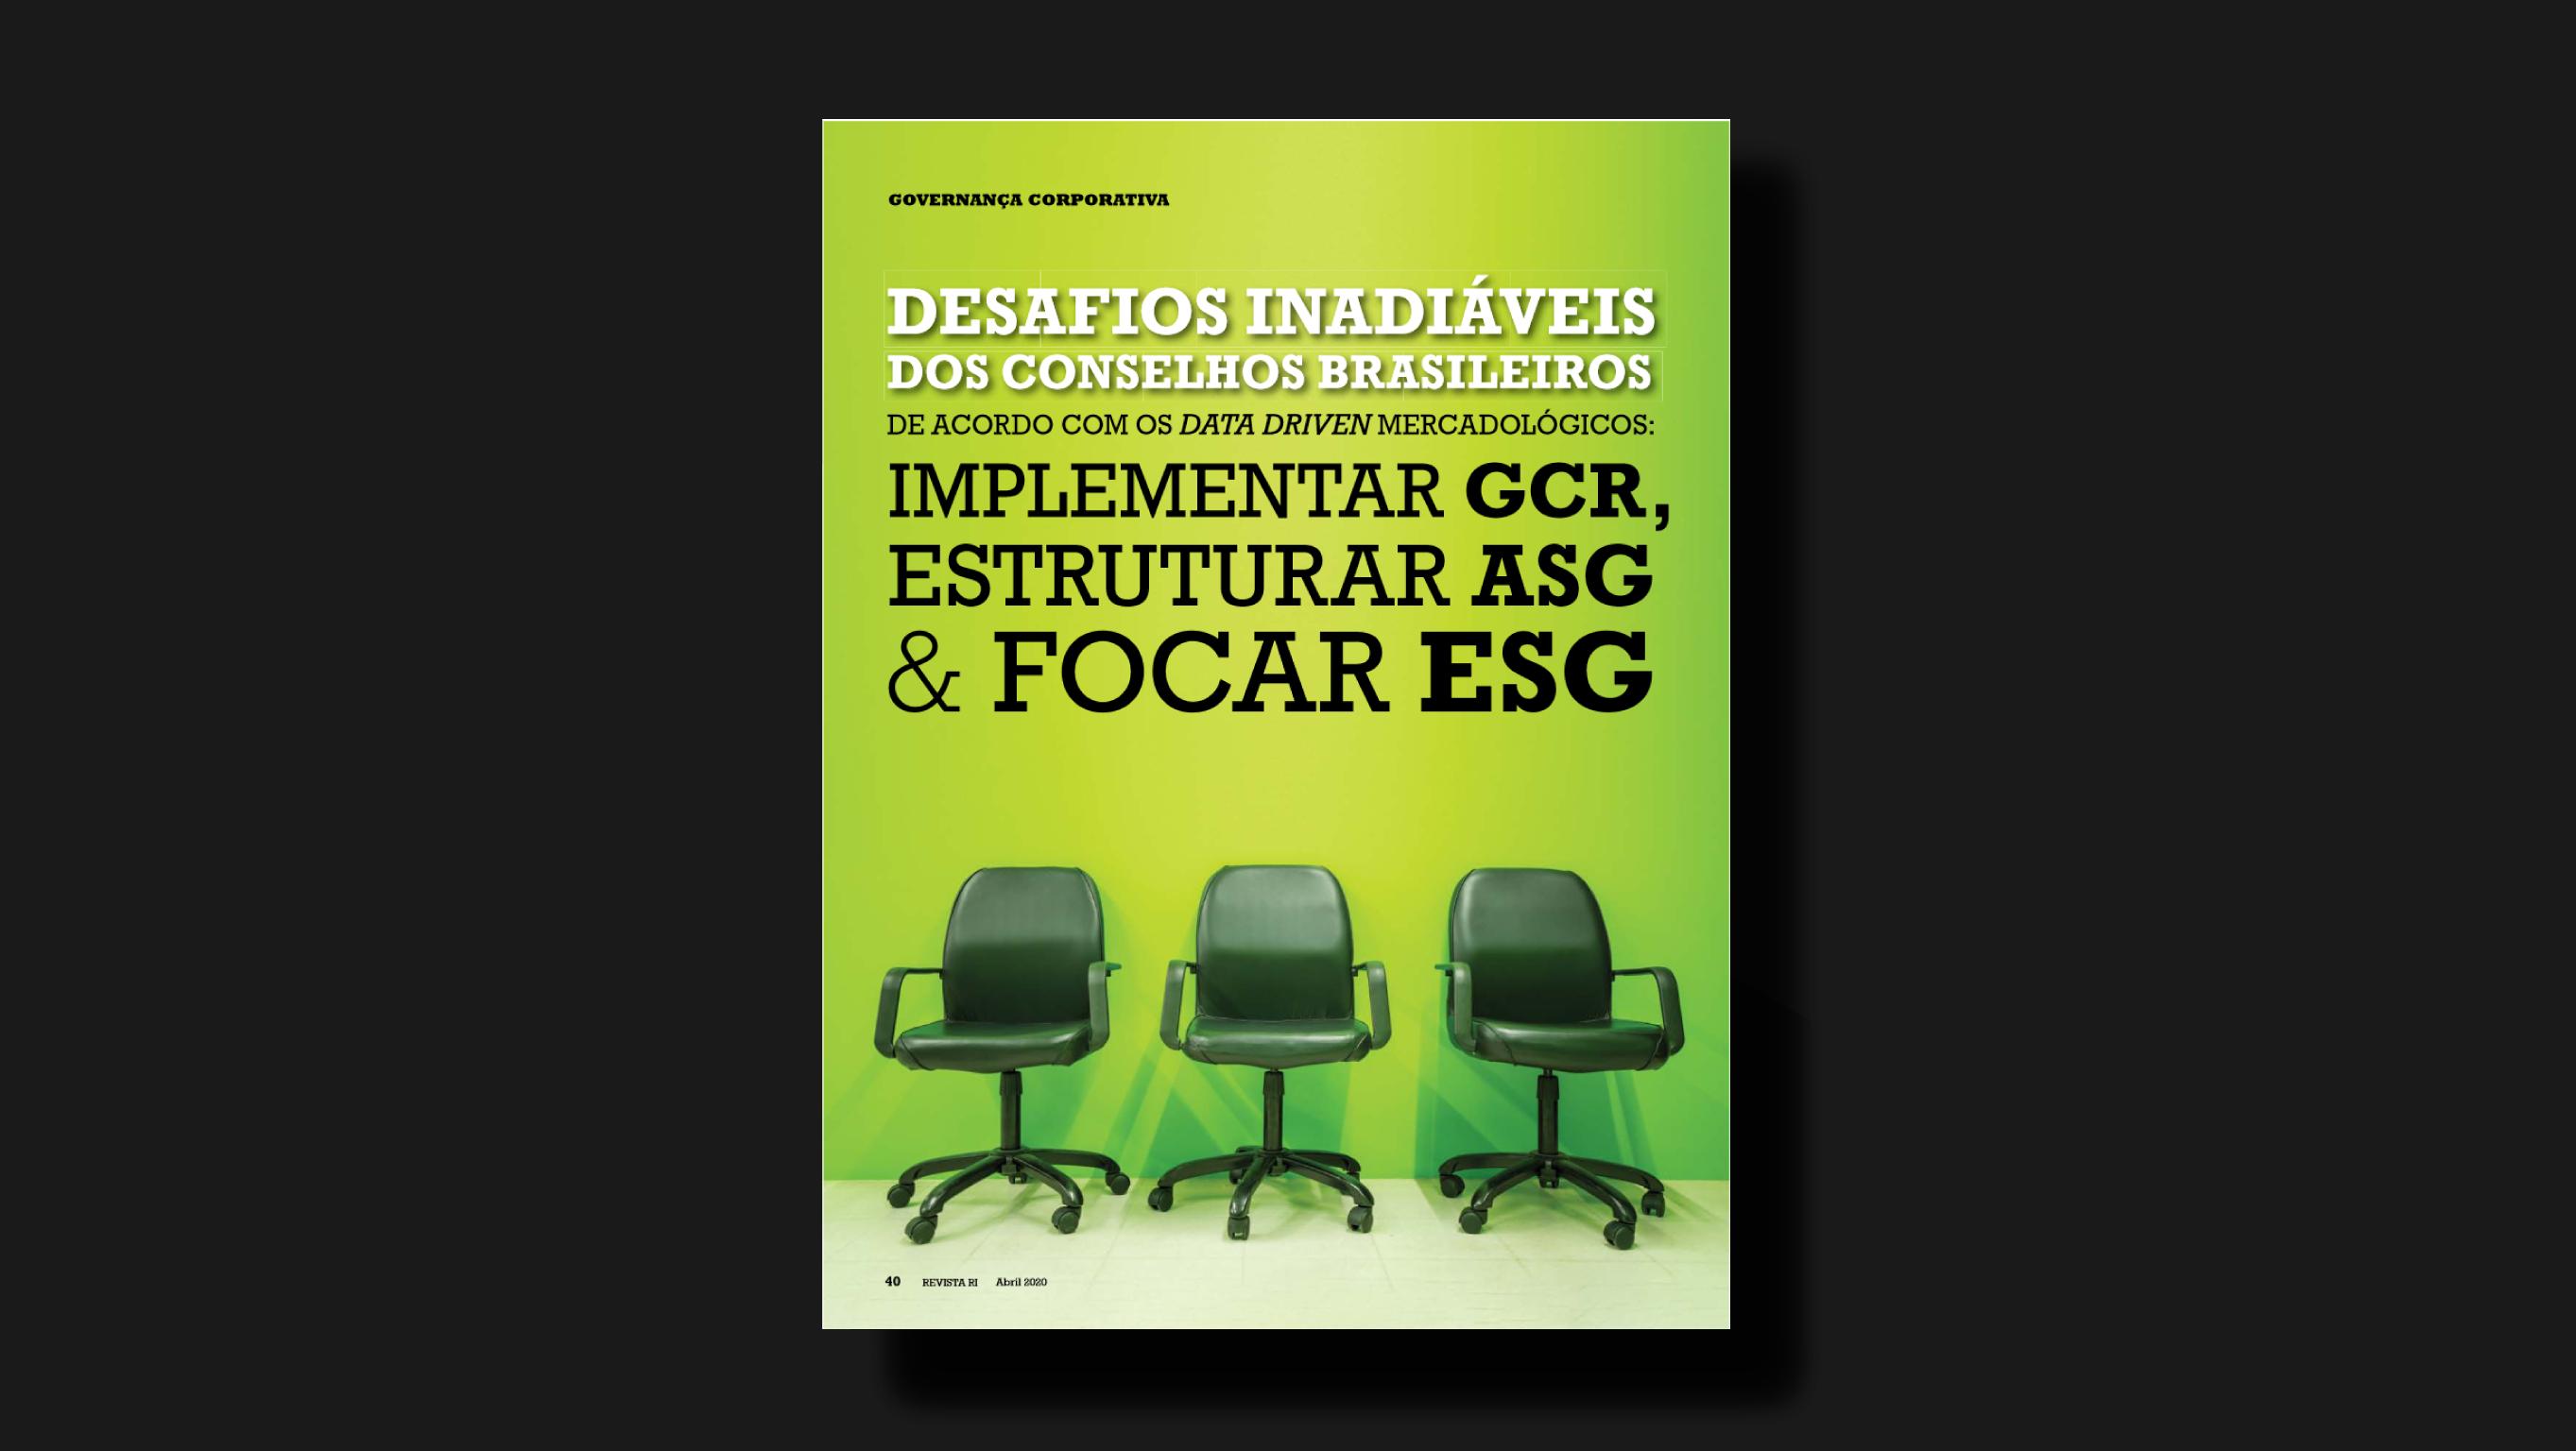 Artigo: Os desafios inadiáveis dos Conselhos Brasileiros